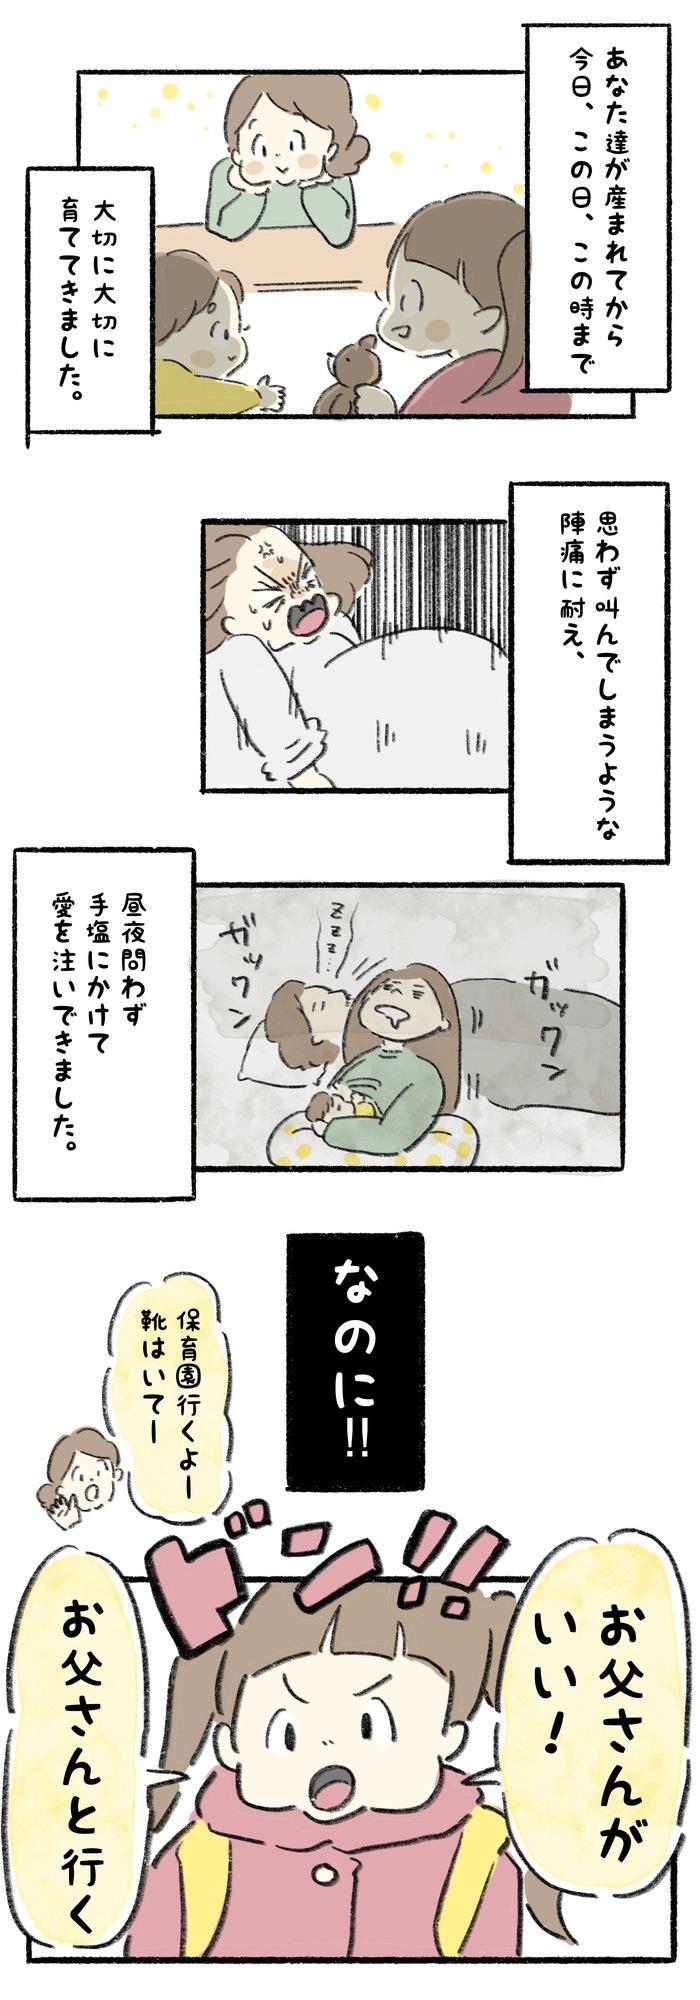 せ…切ないよ!お母さんのことも、構ってよ!!(笑)の画像1